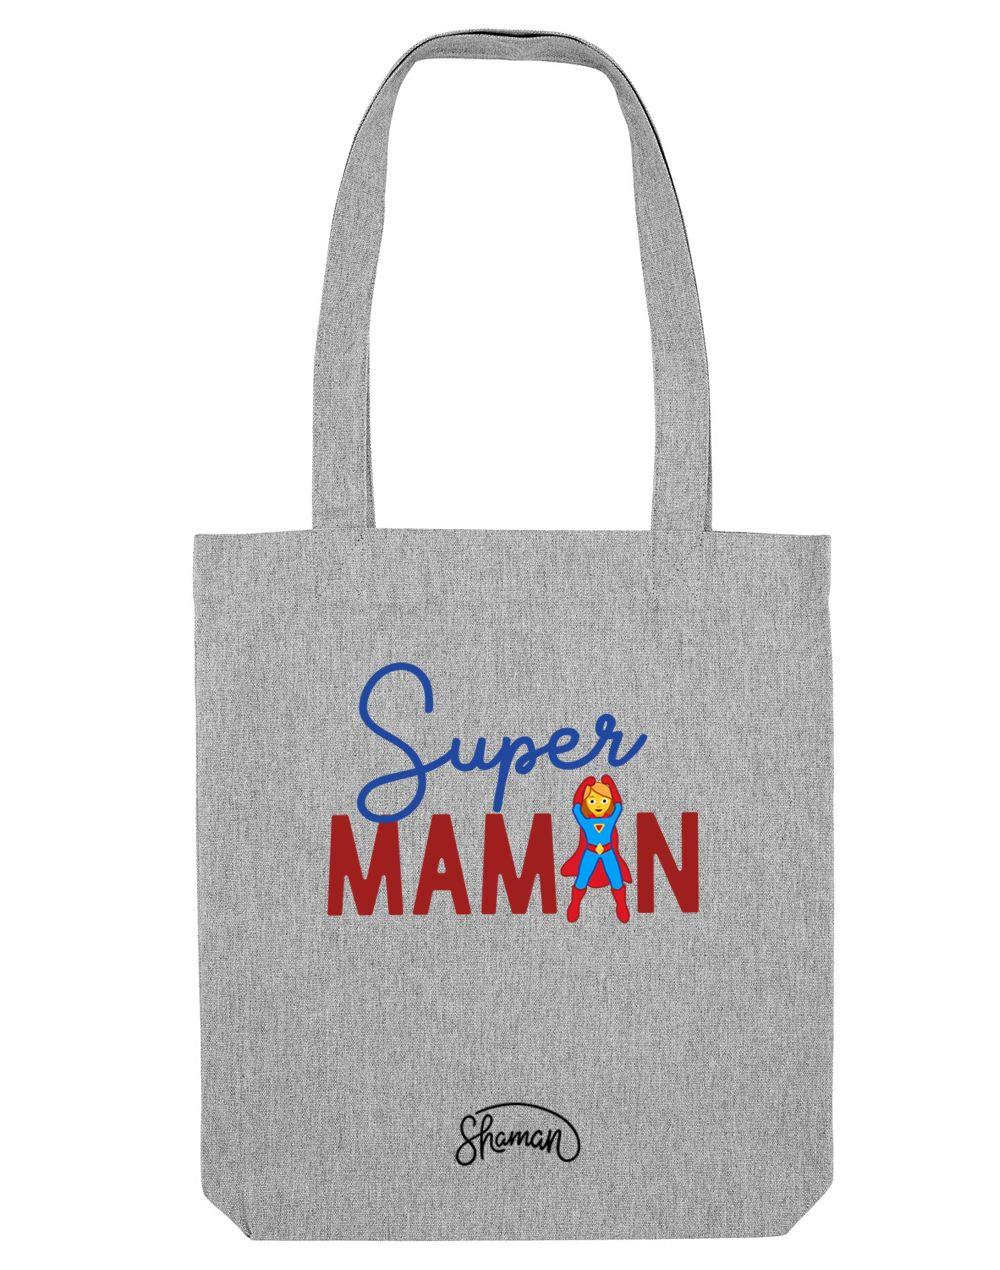 SUPER MAMAN - Tote Bag  Gris chiné  en coton